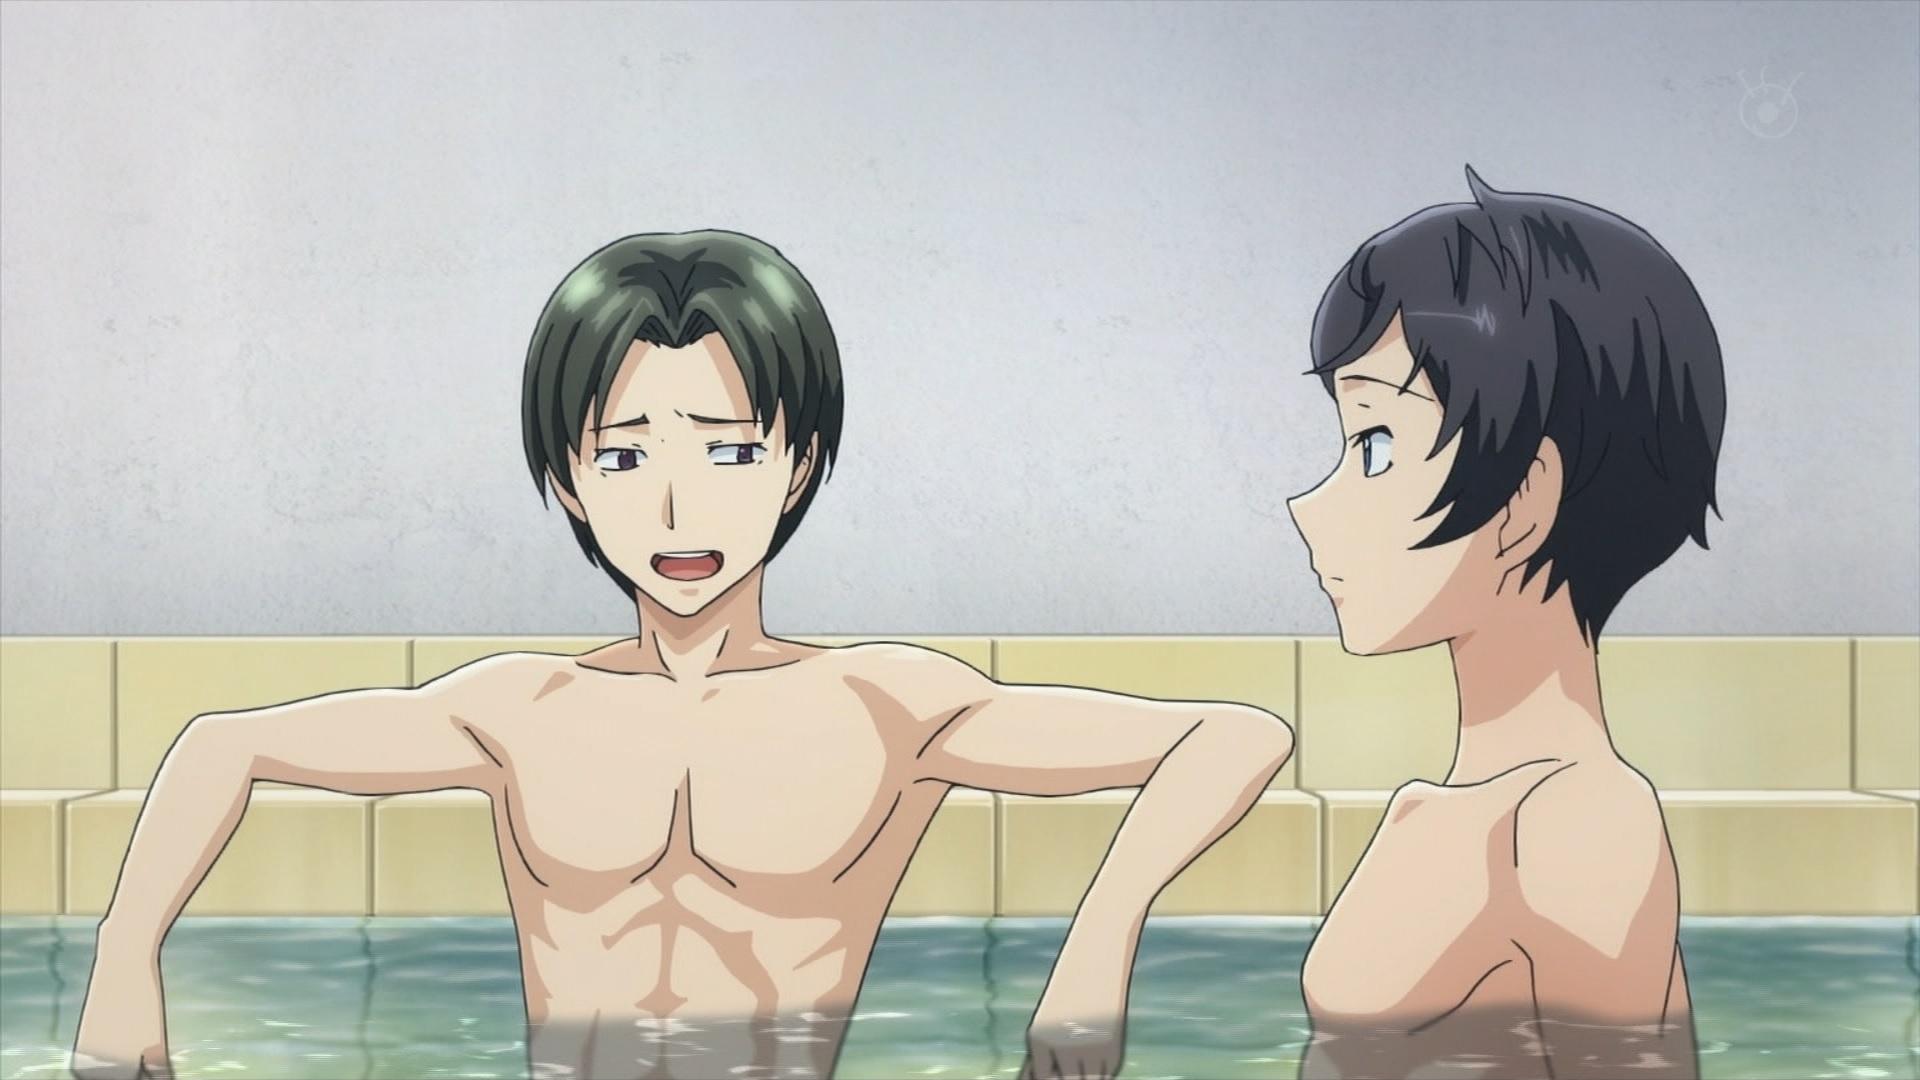 風呂に入る丸山レイジと坂井知季